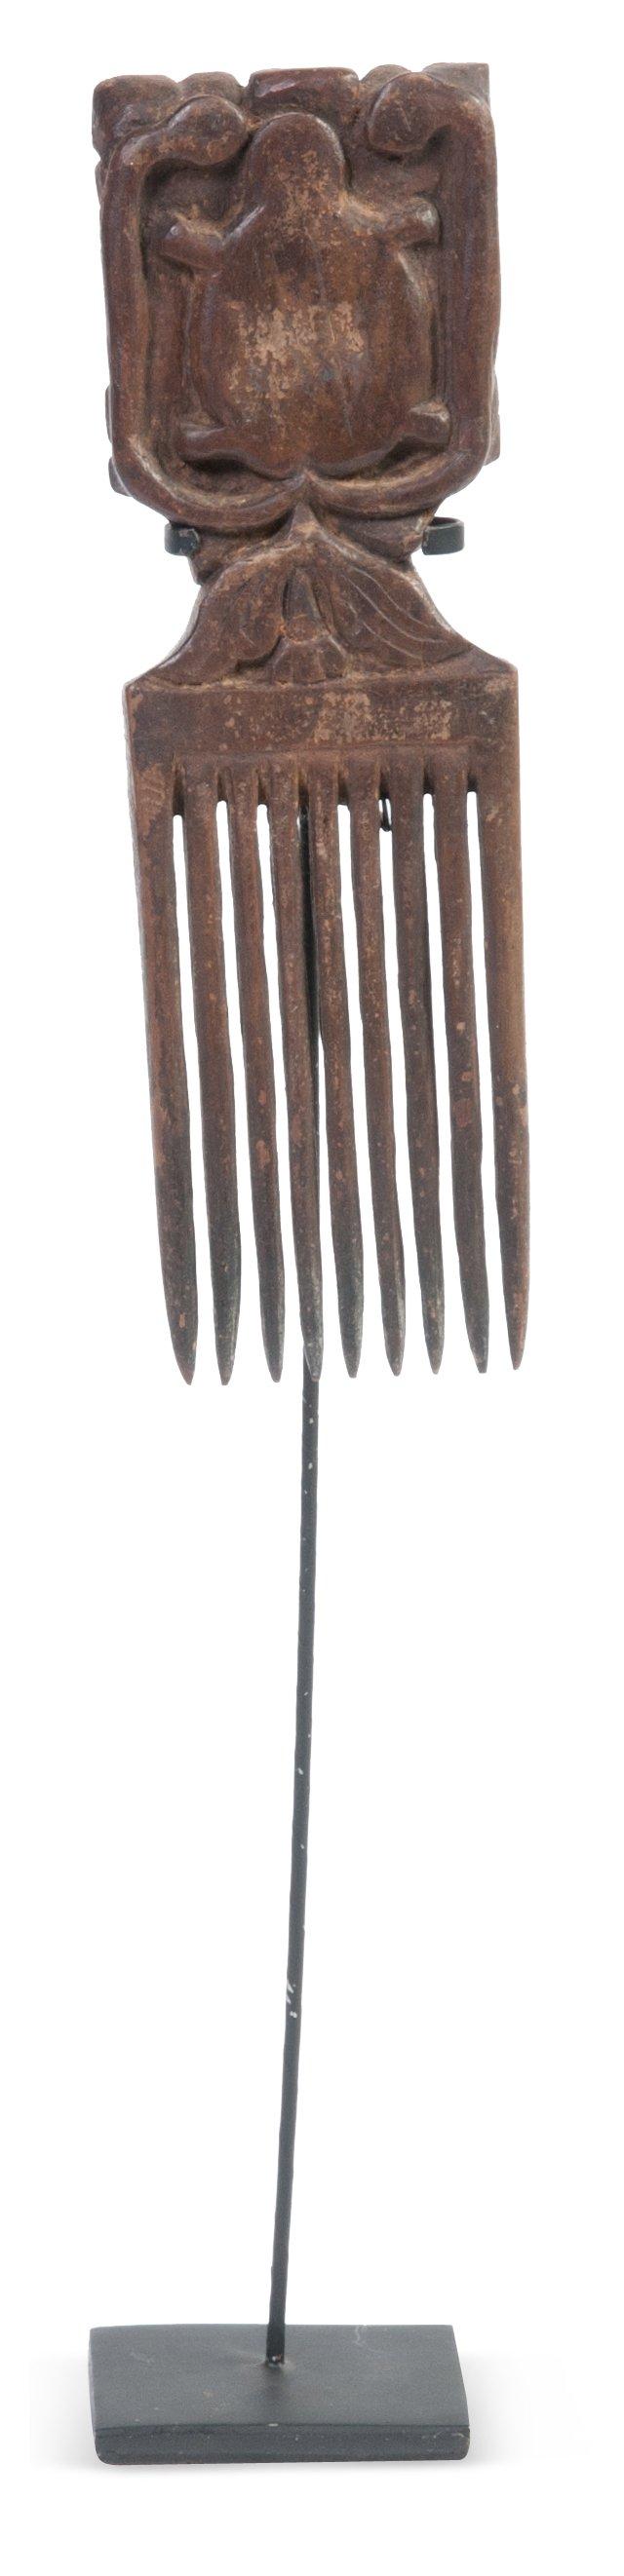 Antique Indonesian Teak Comb